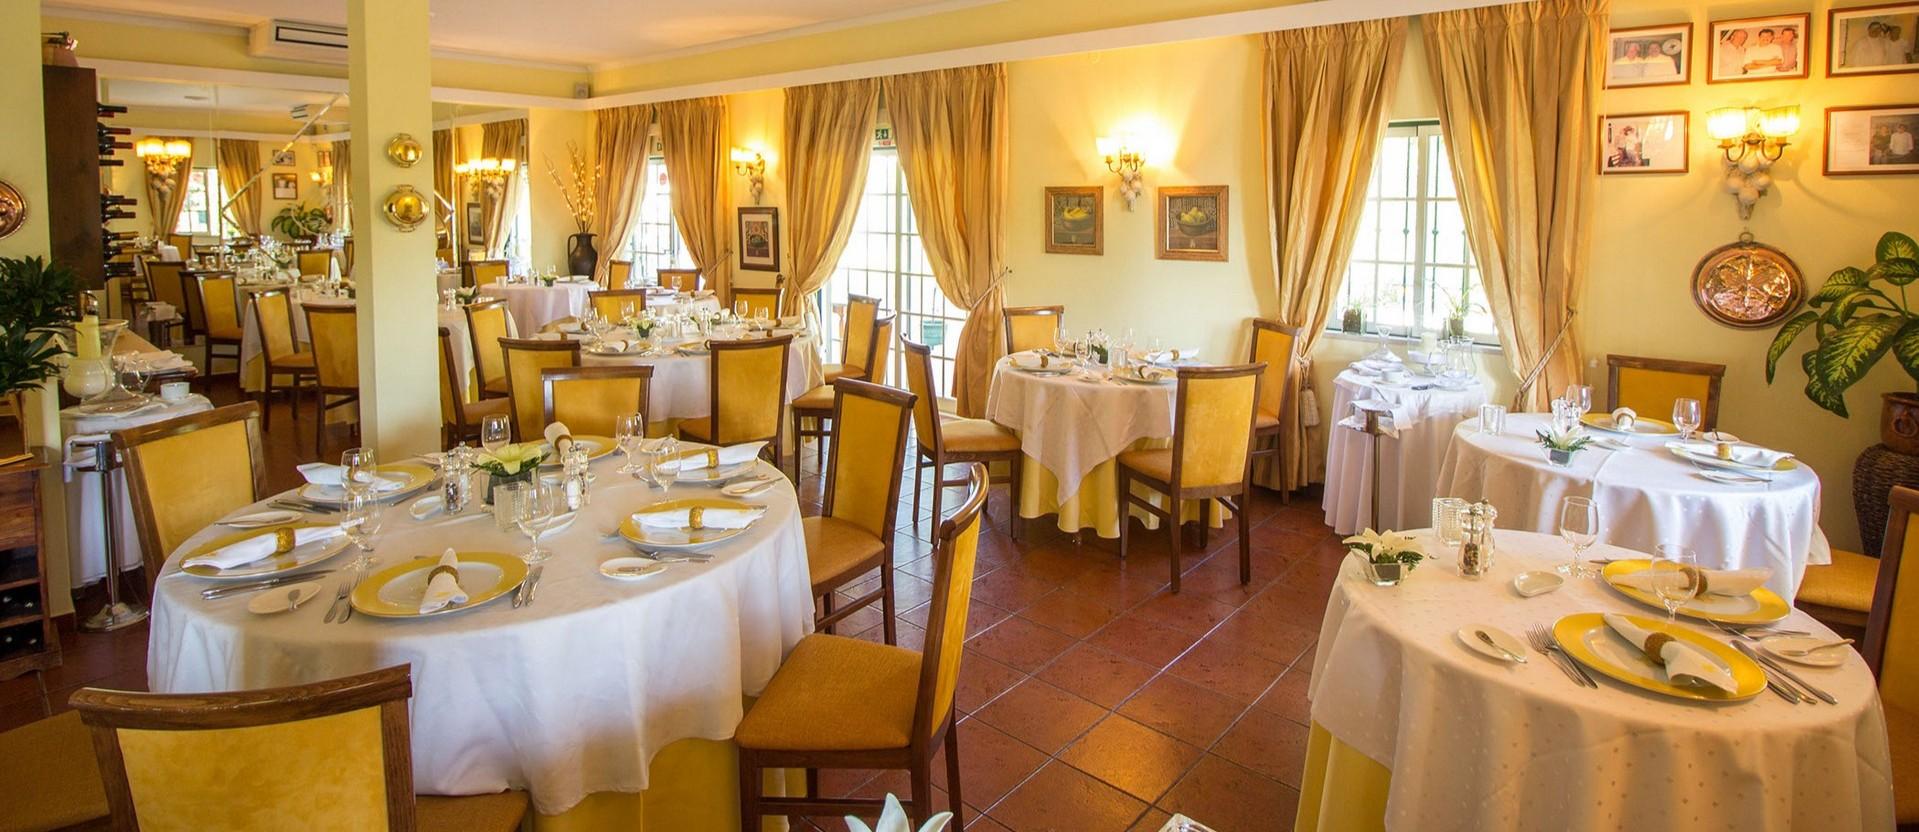 Michelin star restaurants: Willie's michelin star restaurants Michelin star restaurants: The complete guide for 2019 Michelin star restaurants 2 1